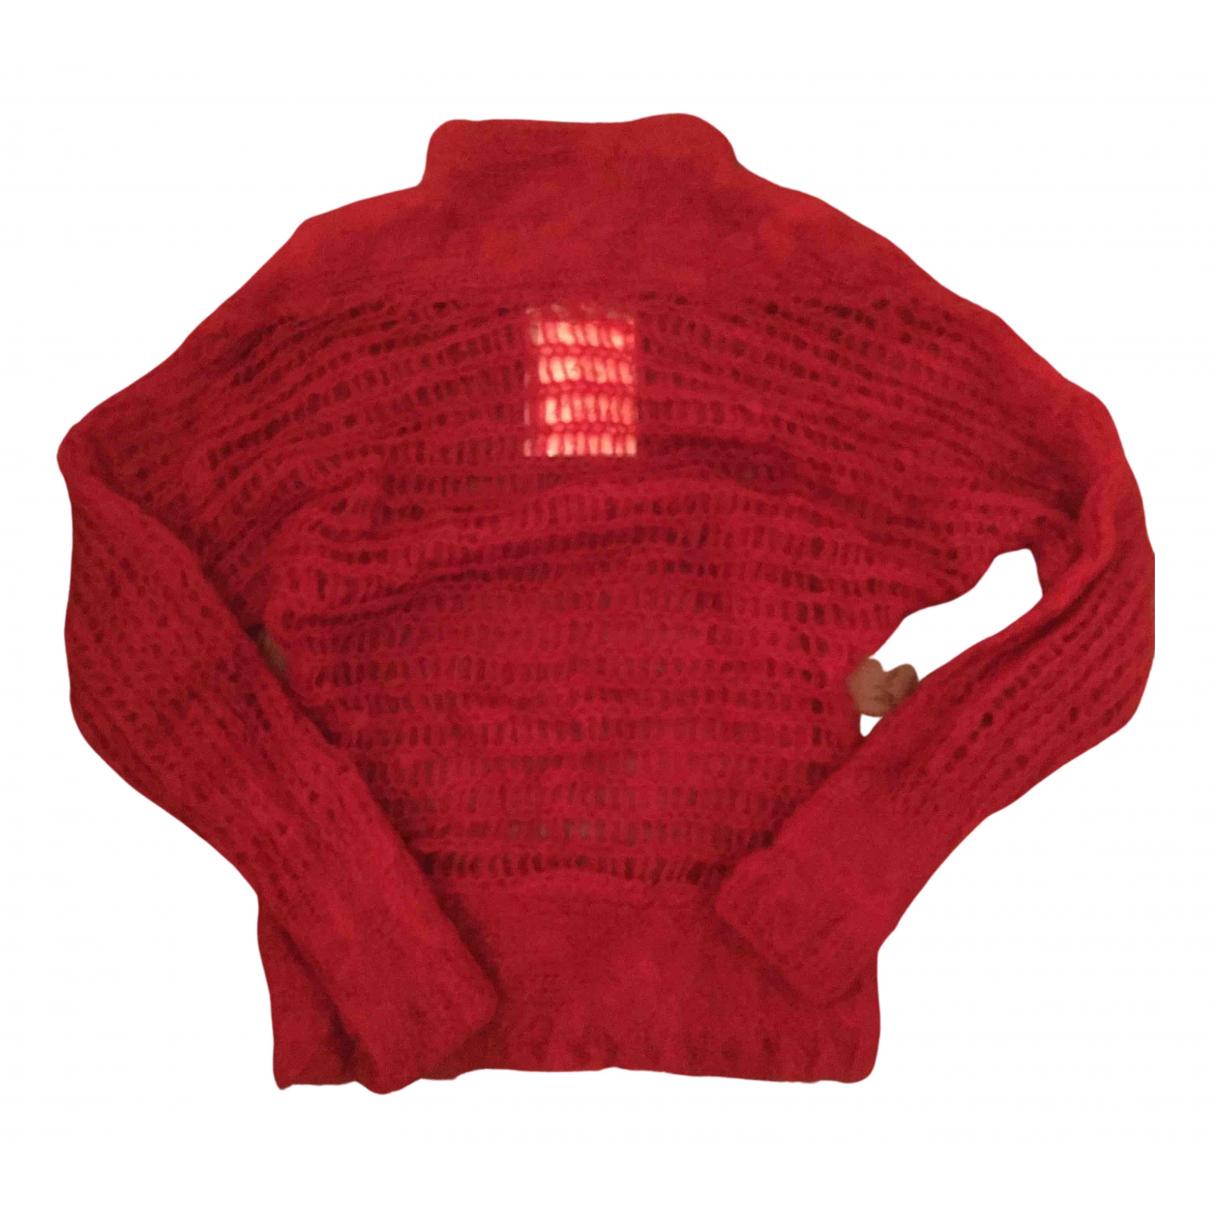 Acne Studios - Pull   pour femme en laine - rouge